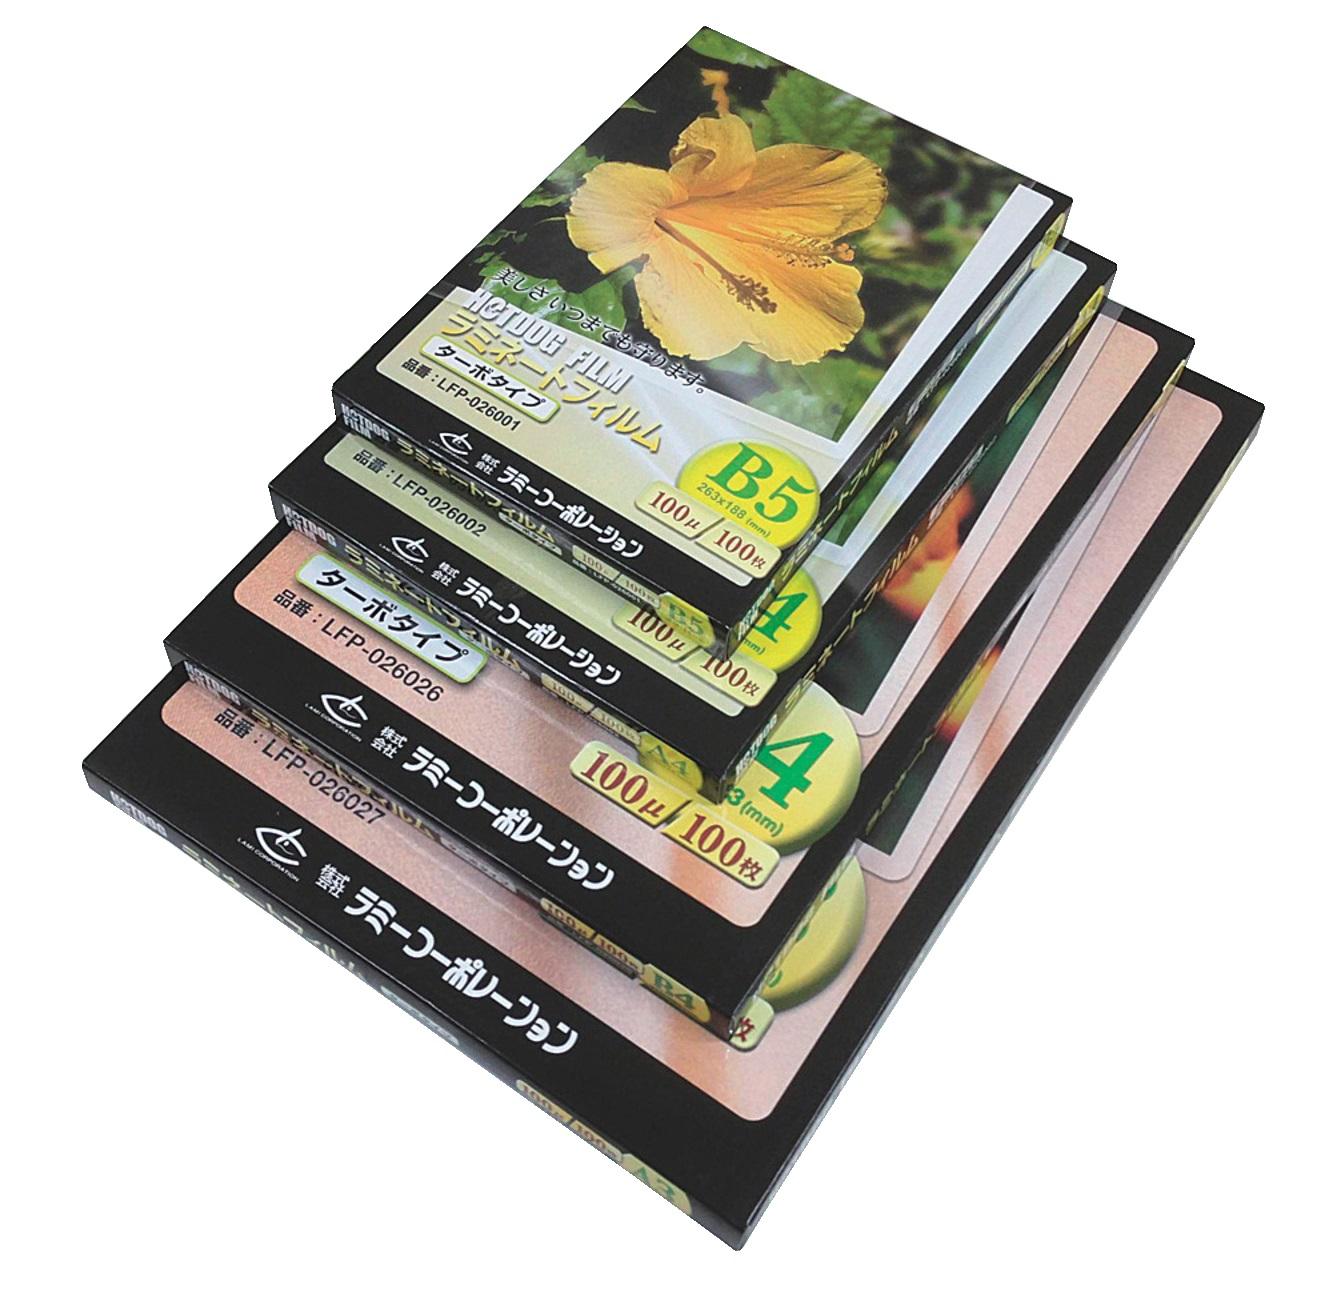 ターボタイプラミネートフィルムパック 100μ B5 100枚 1セット 事務用品 パウチ テレビで話題 送料無料 日本正規代理店品 パチンコ用品 内製POP製作